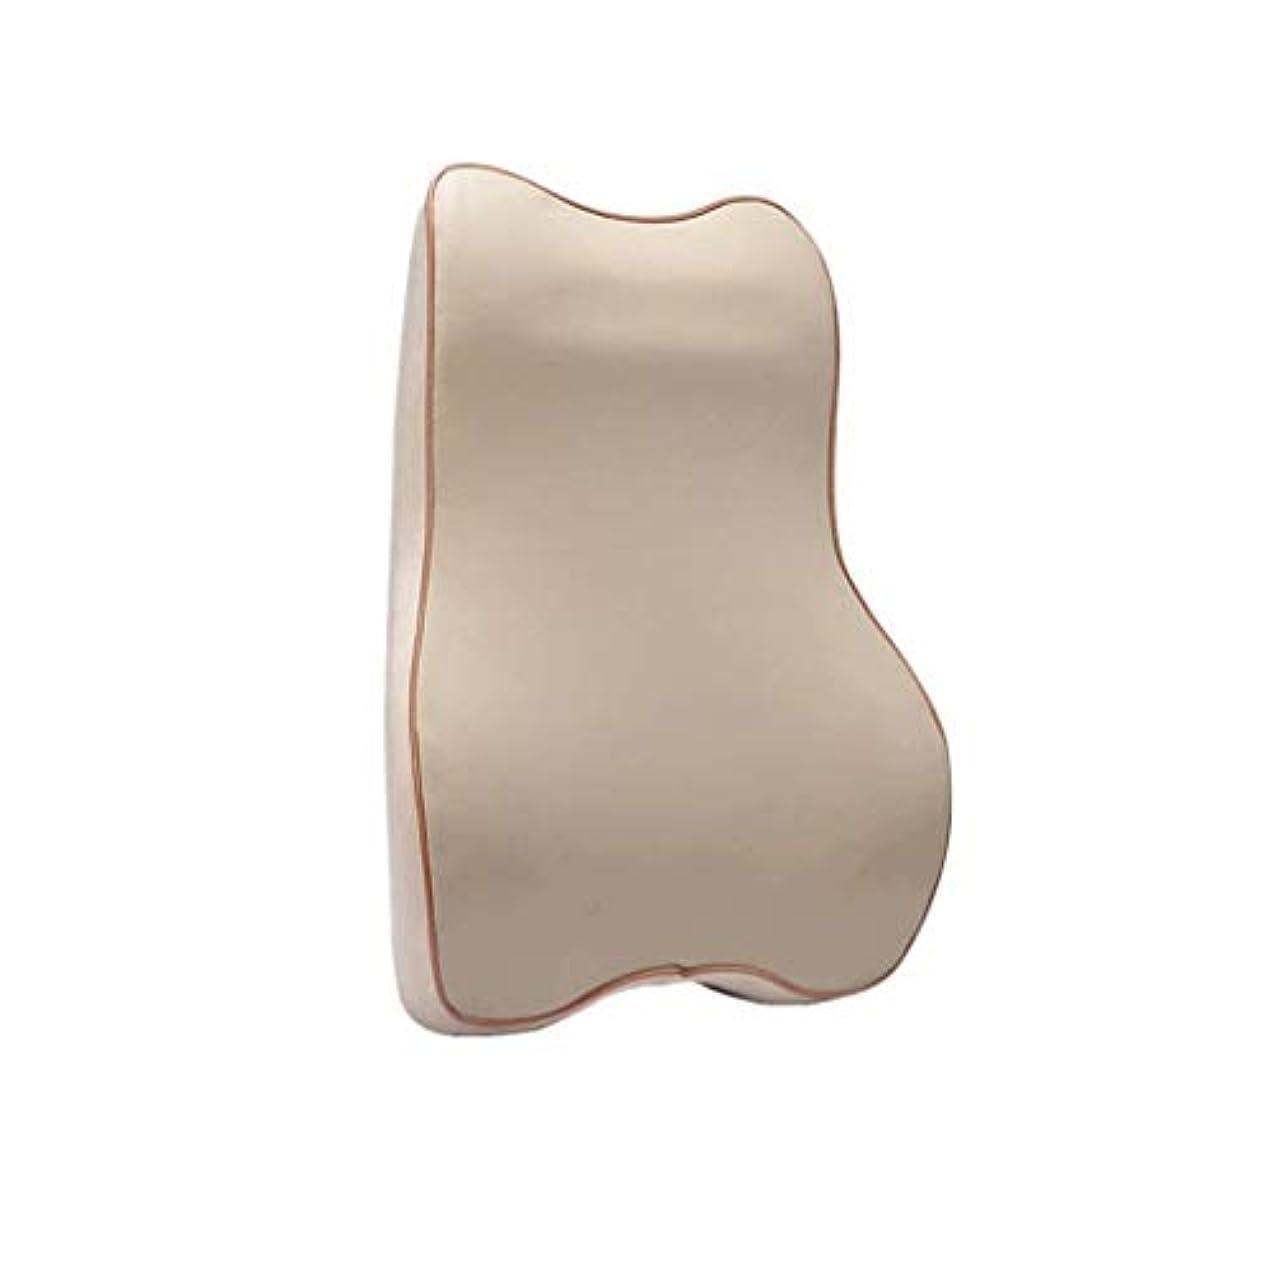 分注するベーコンインテリア腰椎枕 - 姿勢療法ウエストクッション - 低反発フォーム、人間工学に基づいたオフィスチェア車とトラベルバックサポート枕を使用して、上下の腰痛を緩和し、予防します (Color : Beige)